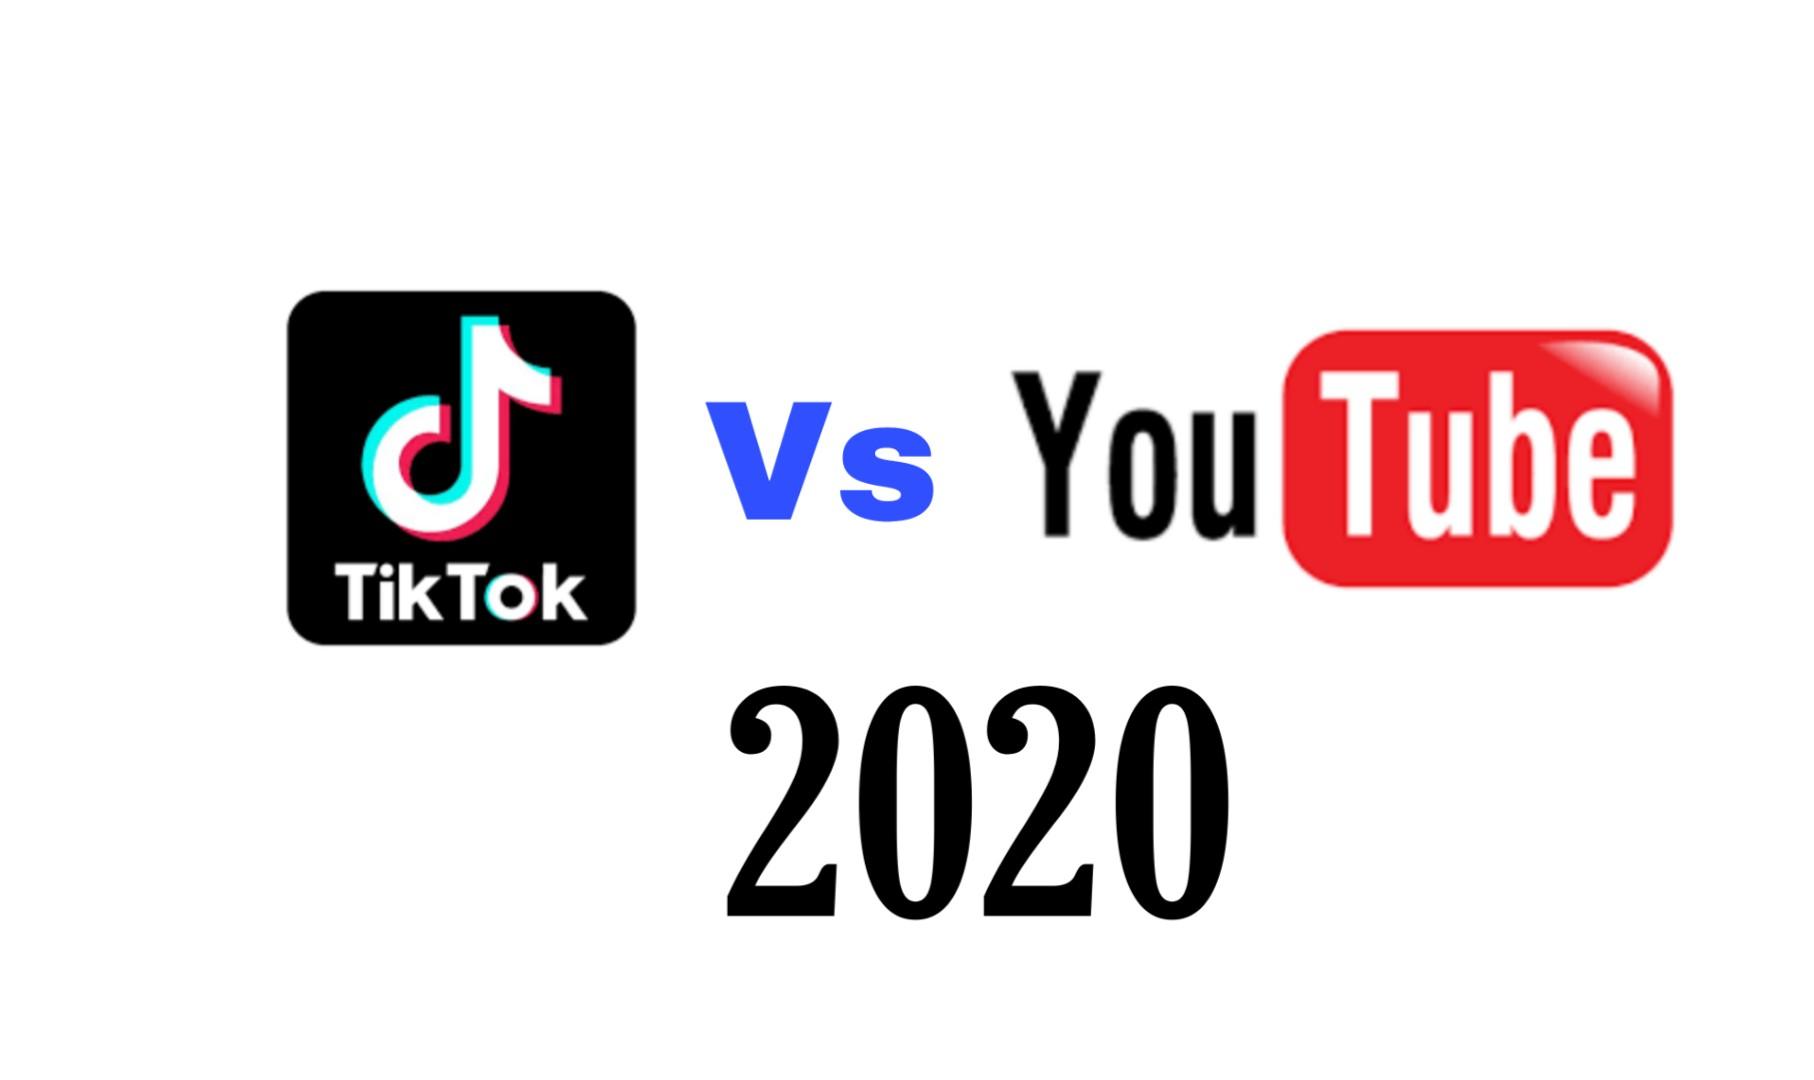 TikTok uygulaması ile YouTube uygulaması yoğun bir rekabete girişti.